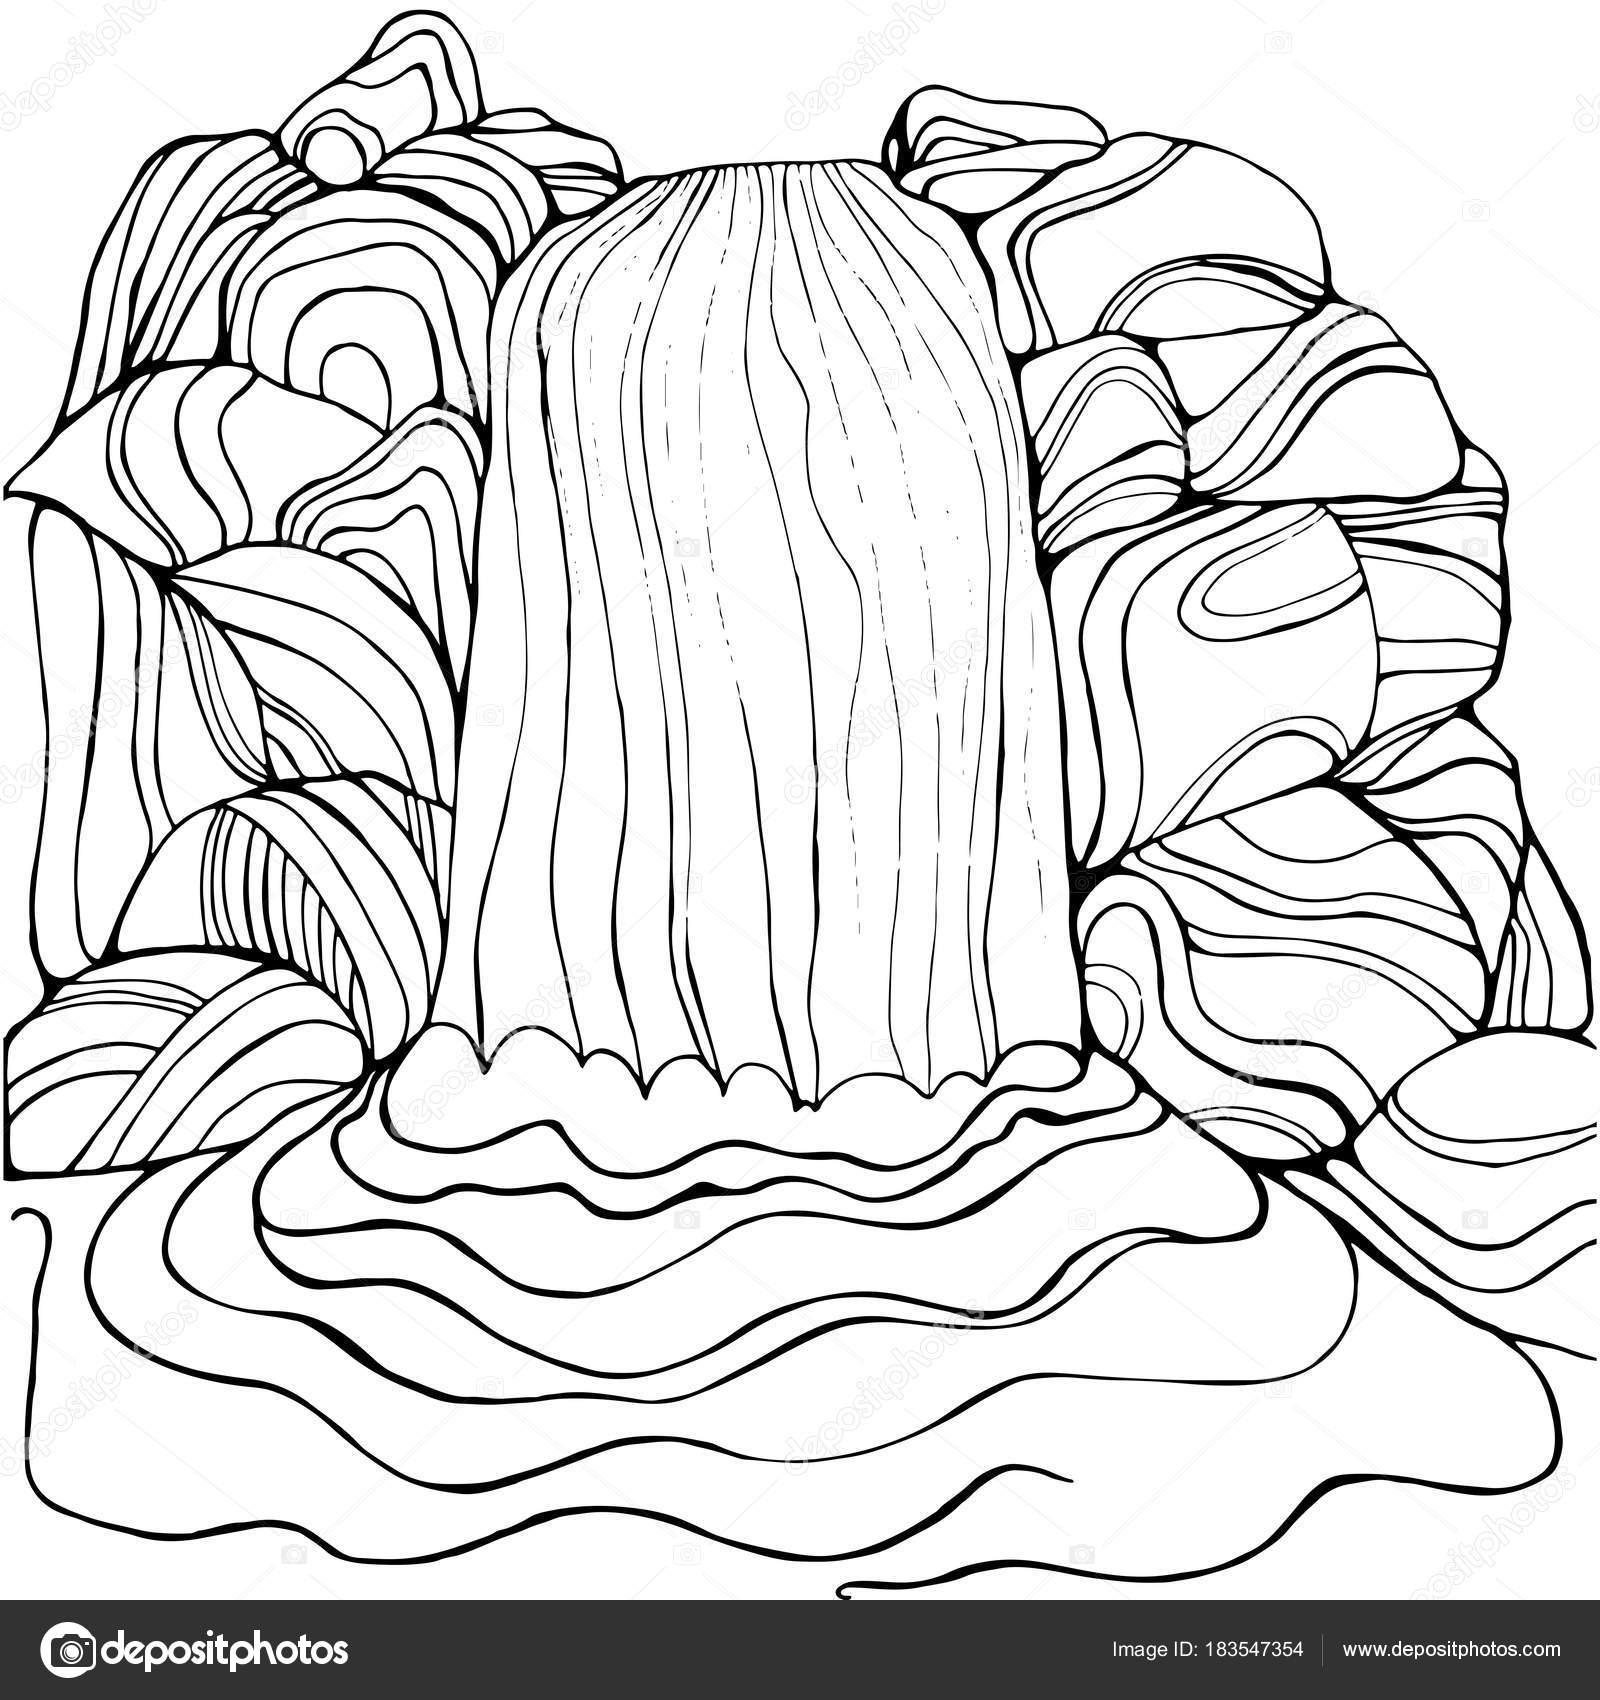 Kleurplaten Waterval.Waterval Kleurplaat Pagina Voor Kinderen En Volwassenen